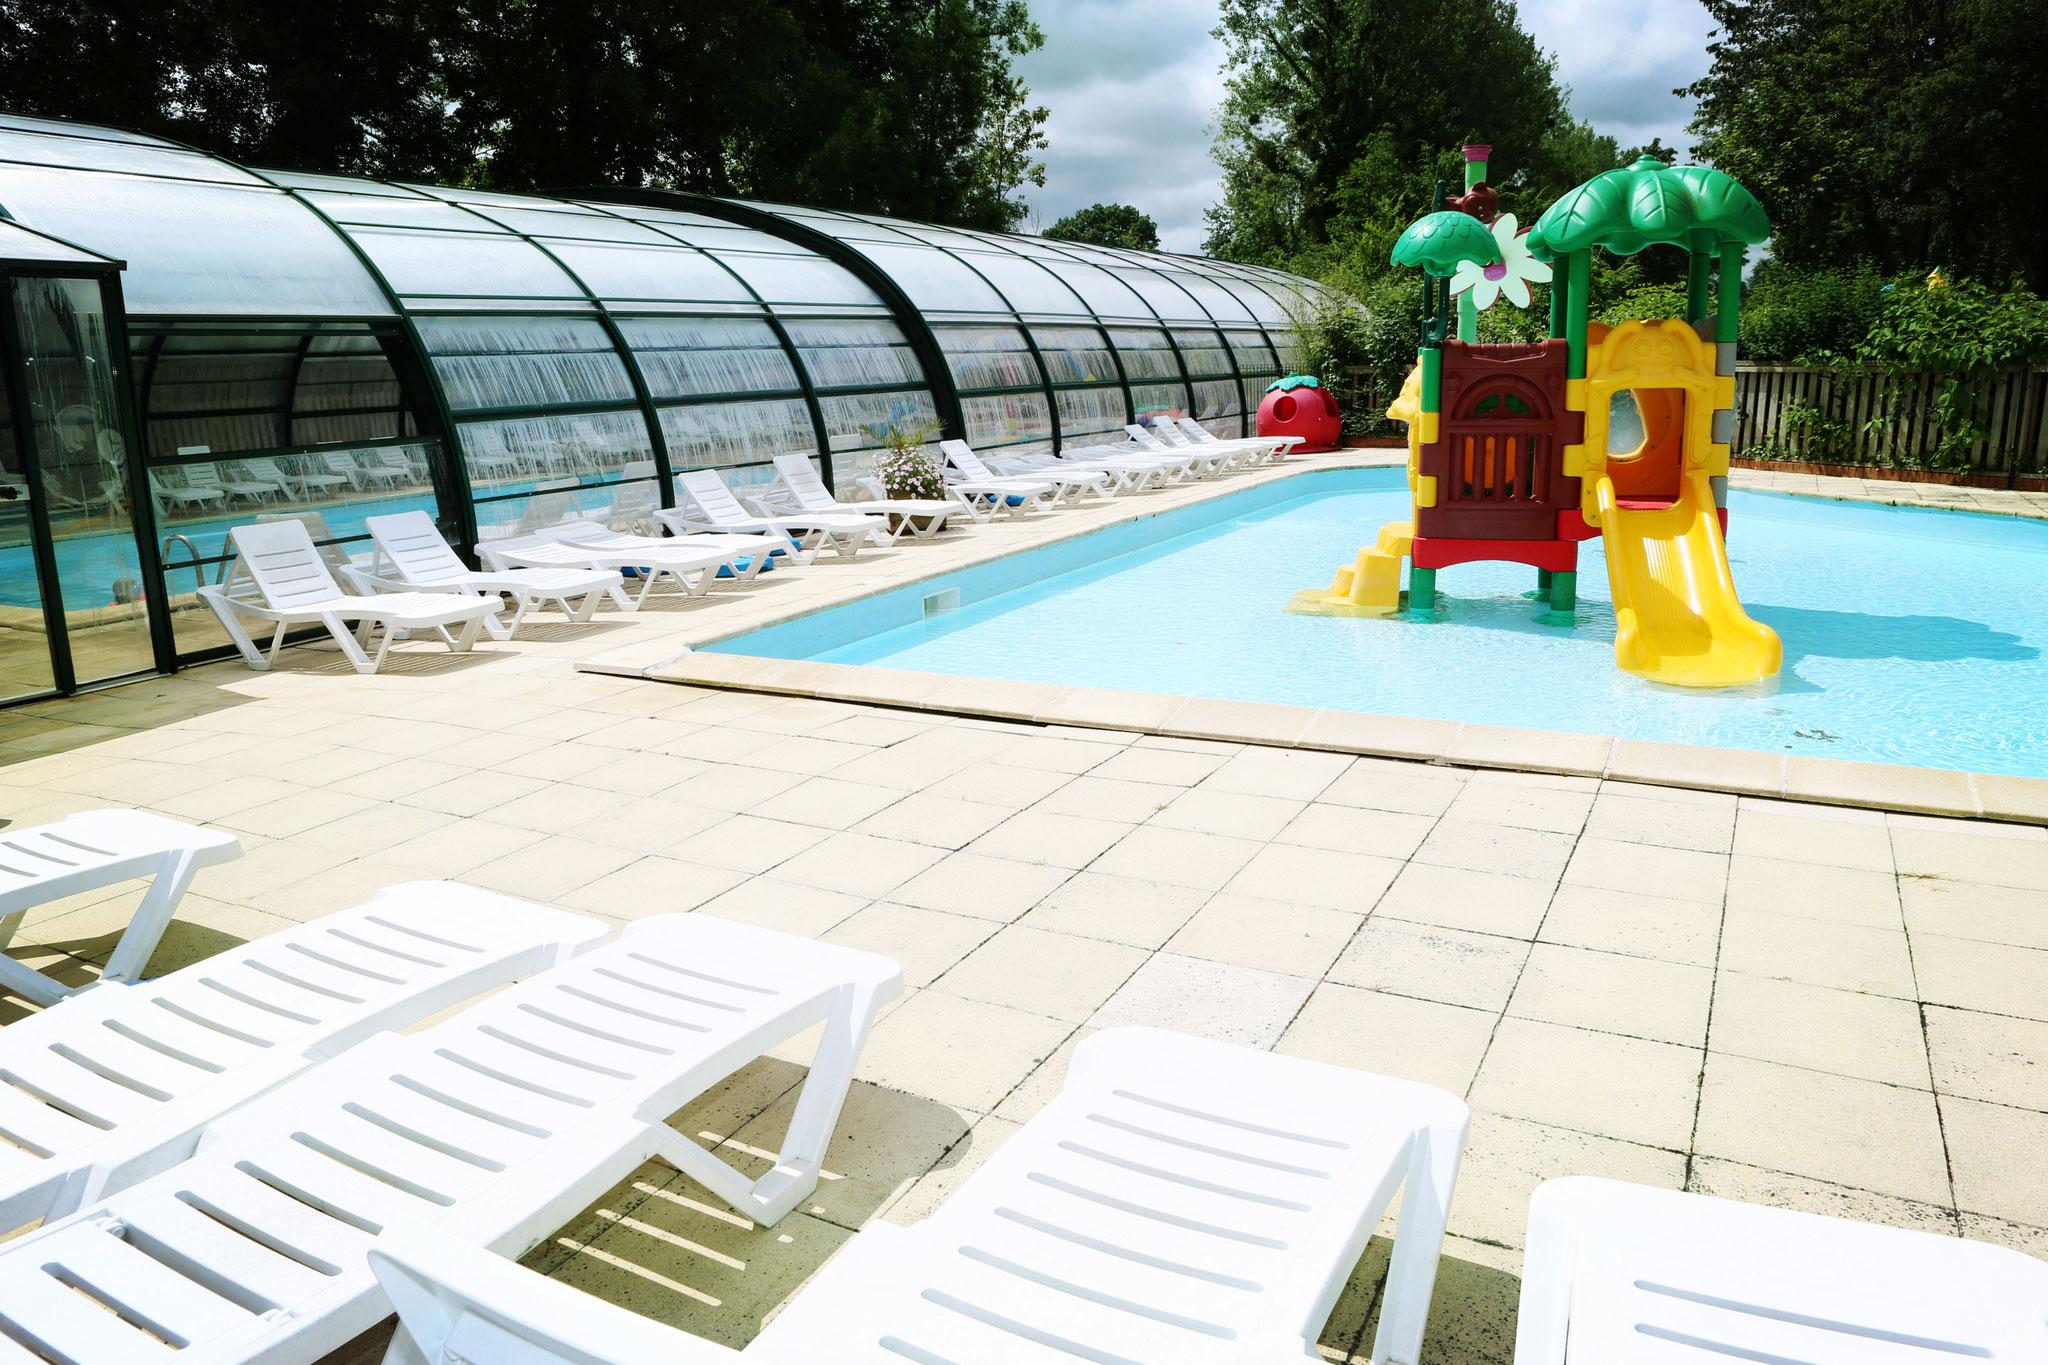 Réserver un séjour dans le camping avec parc aquatique et piscine couverte